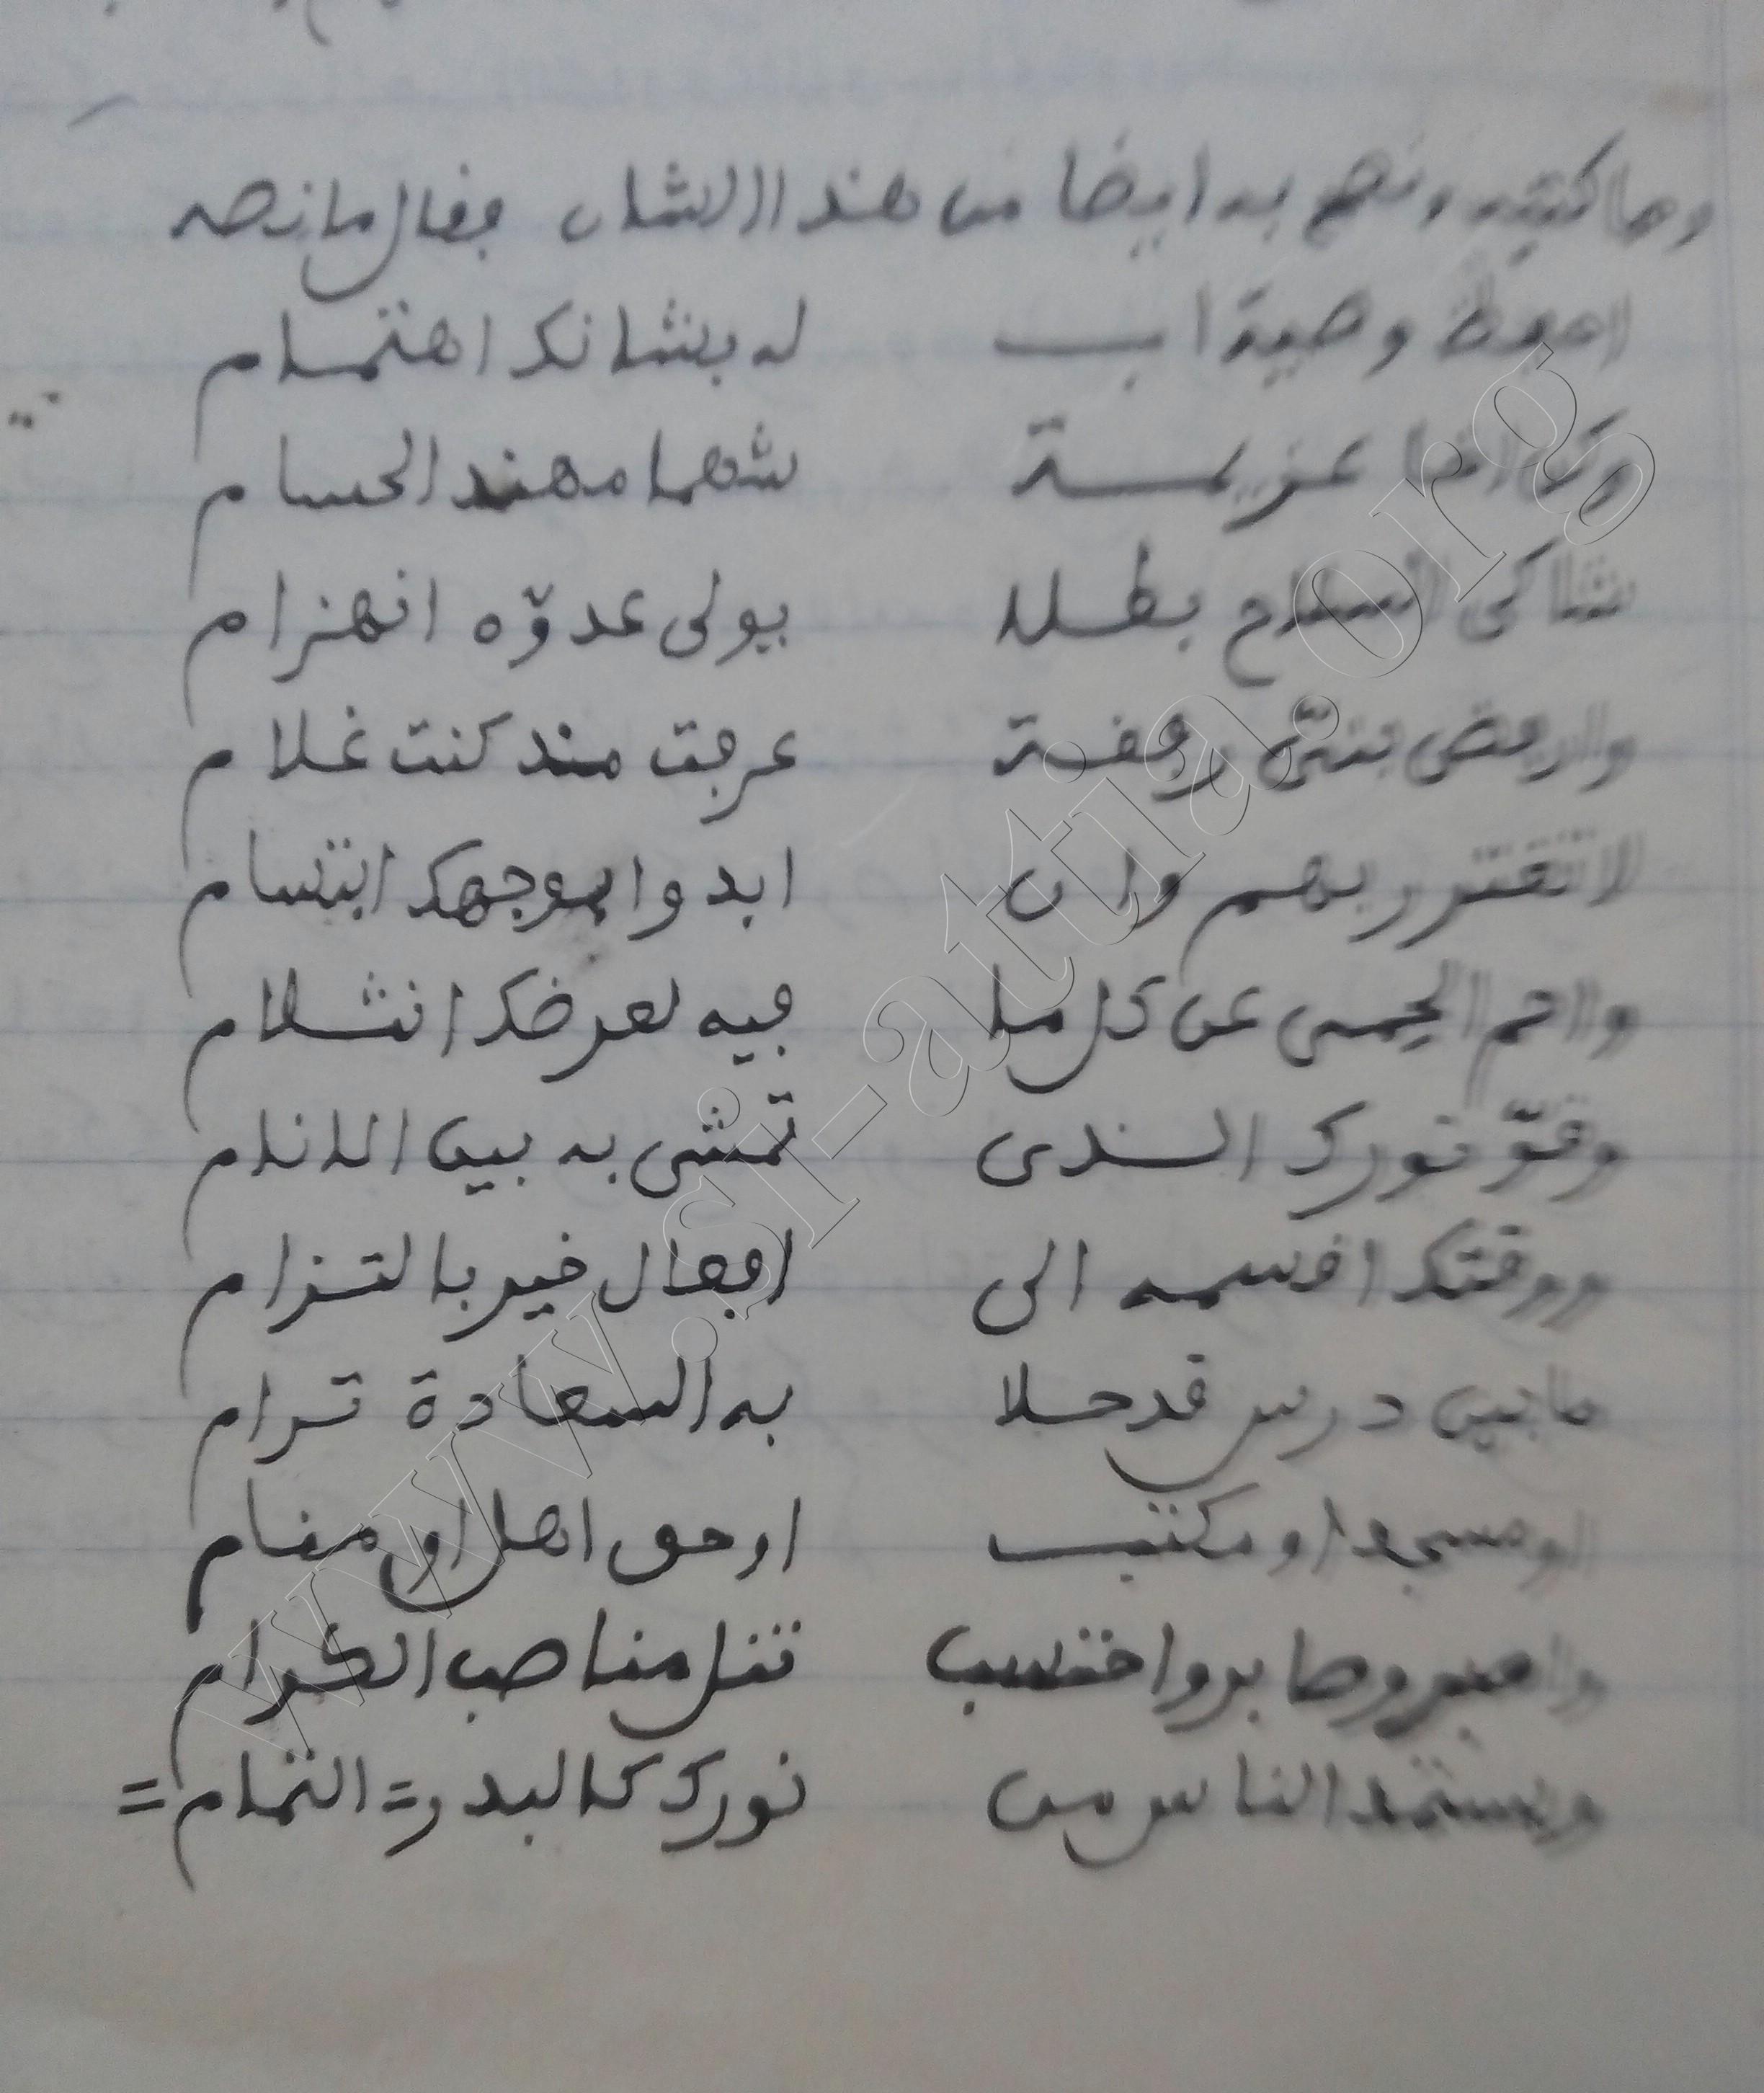 ومما كتبه الشيخ سي عطية مسعودي في المواعظ